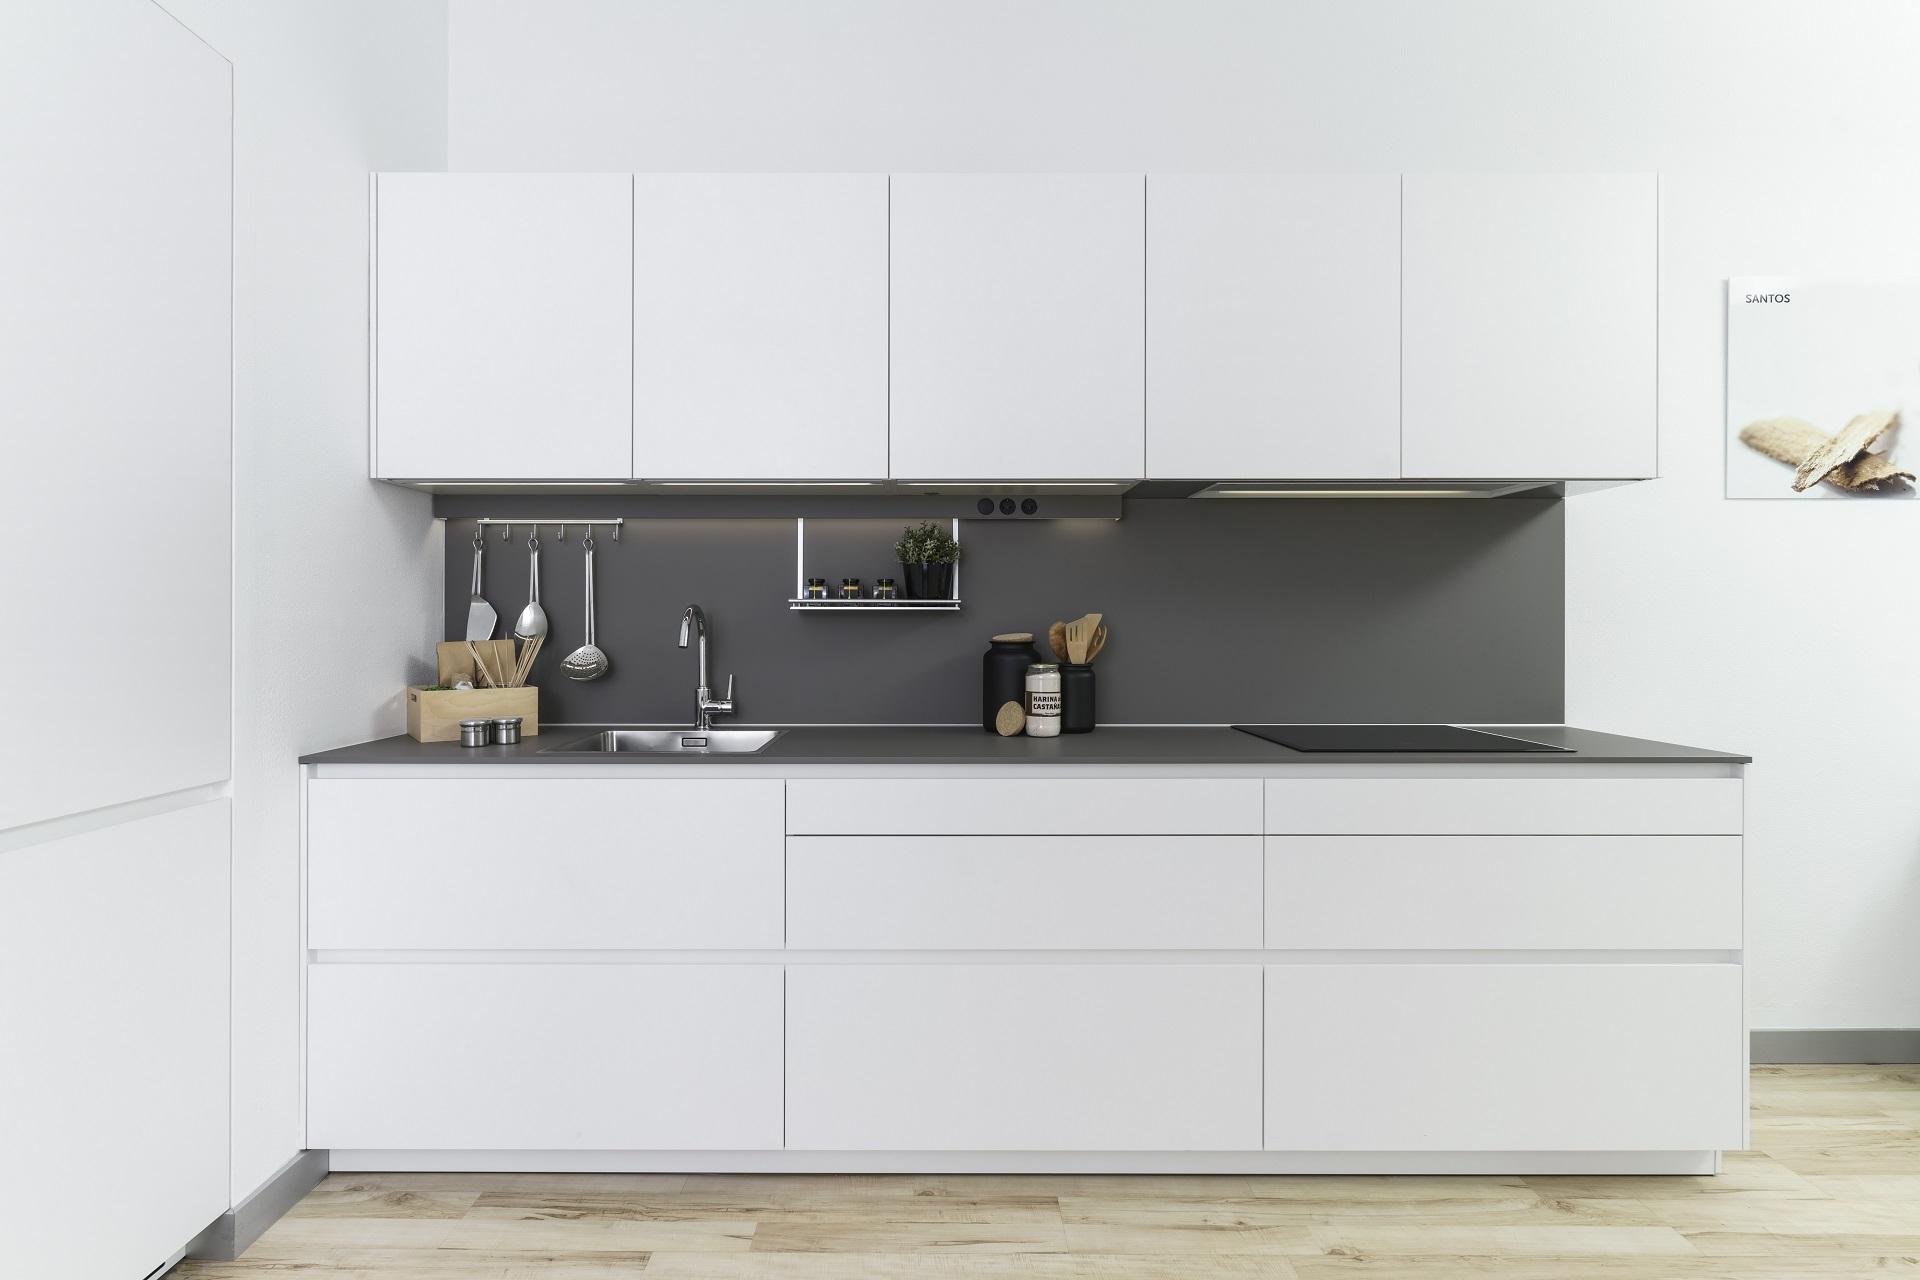 Image oferta-comprar-cocina-santiago-interiores